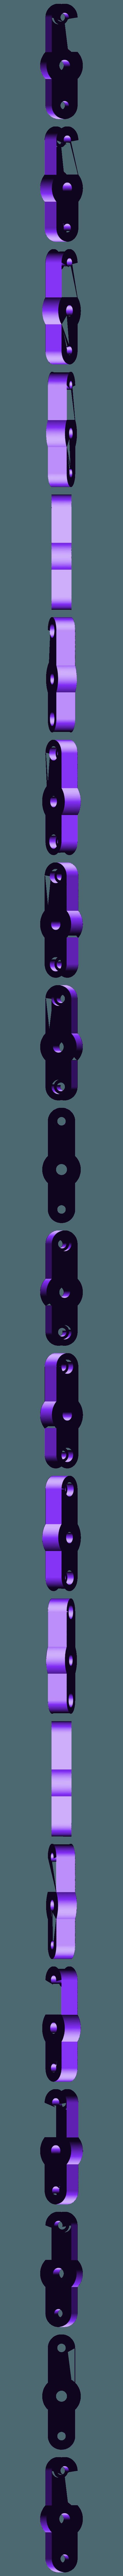 universal_bracket_8mm.stl Télécharger fichier STL gratuit Extrudeuse à engrenages • Modèle pour impression 3D, Job